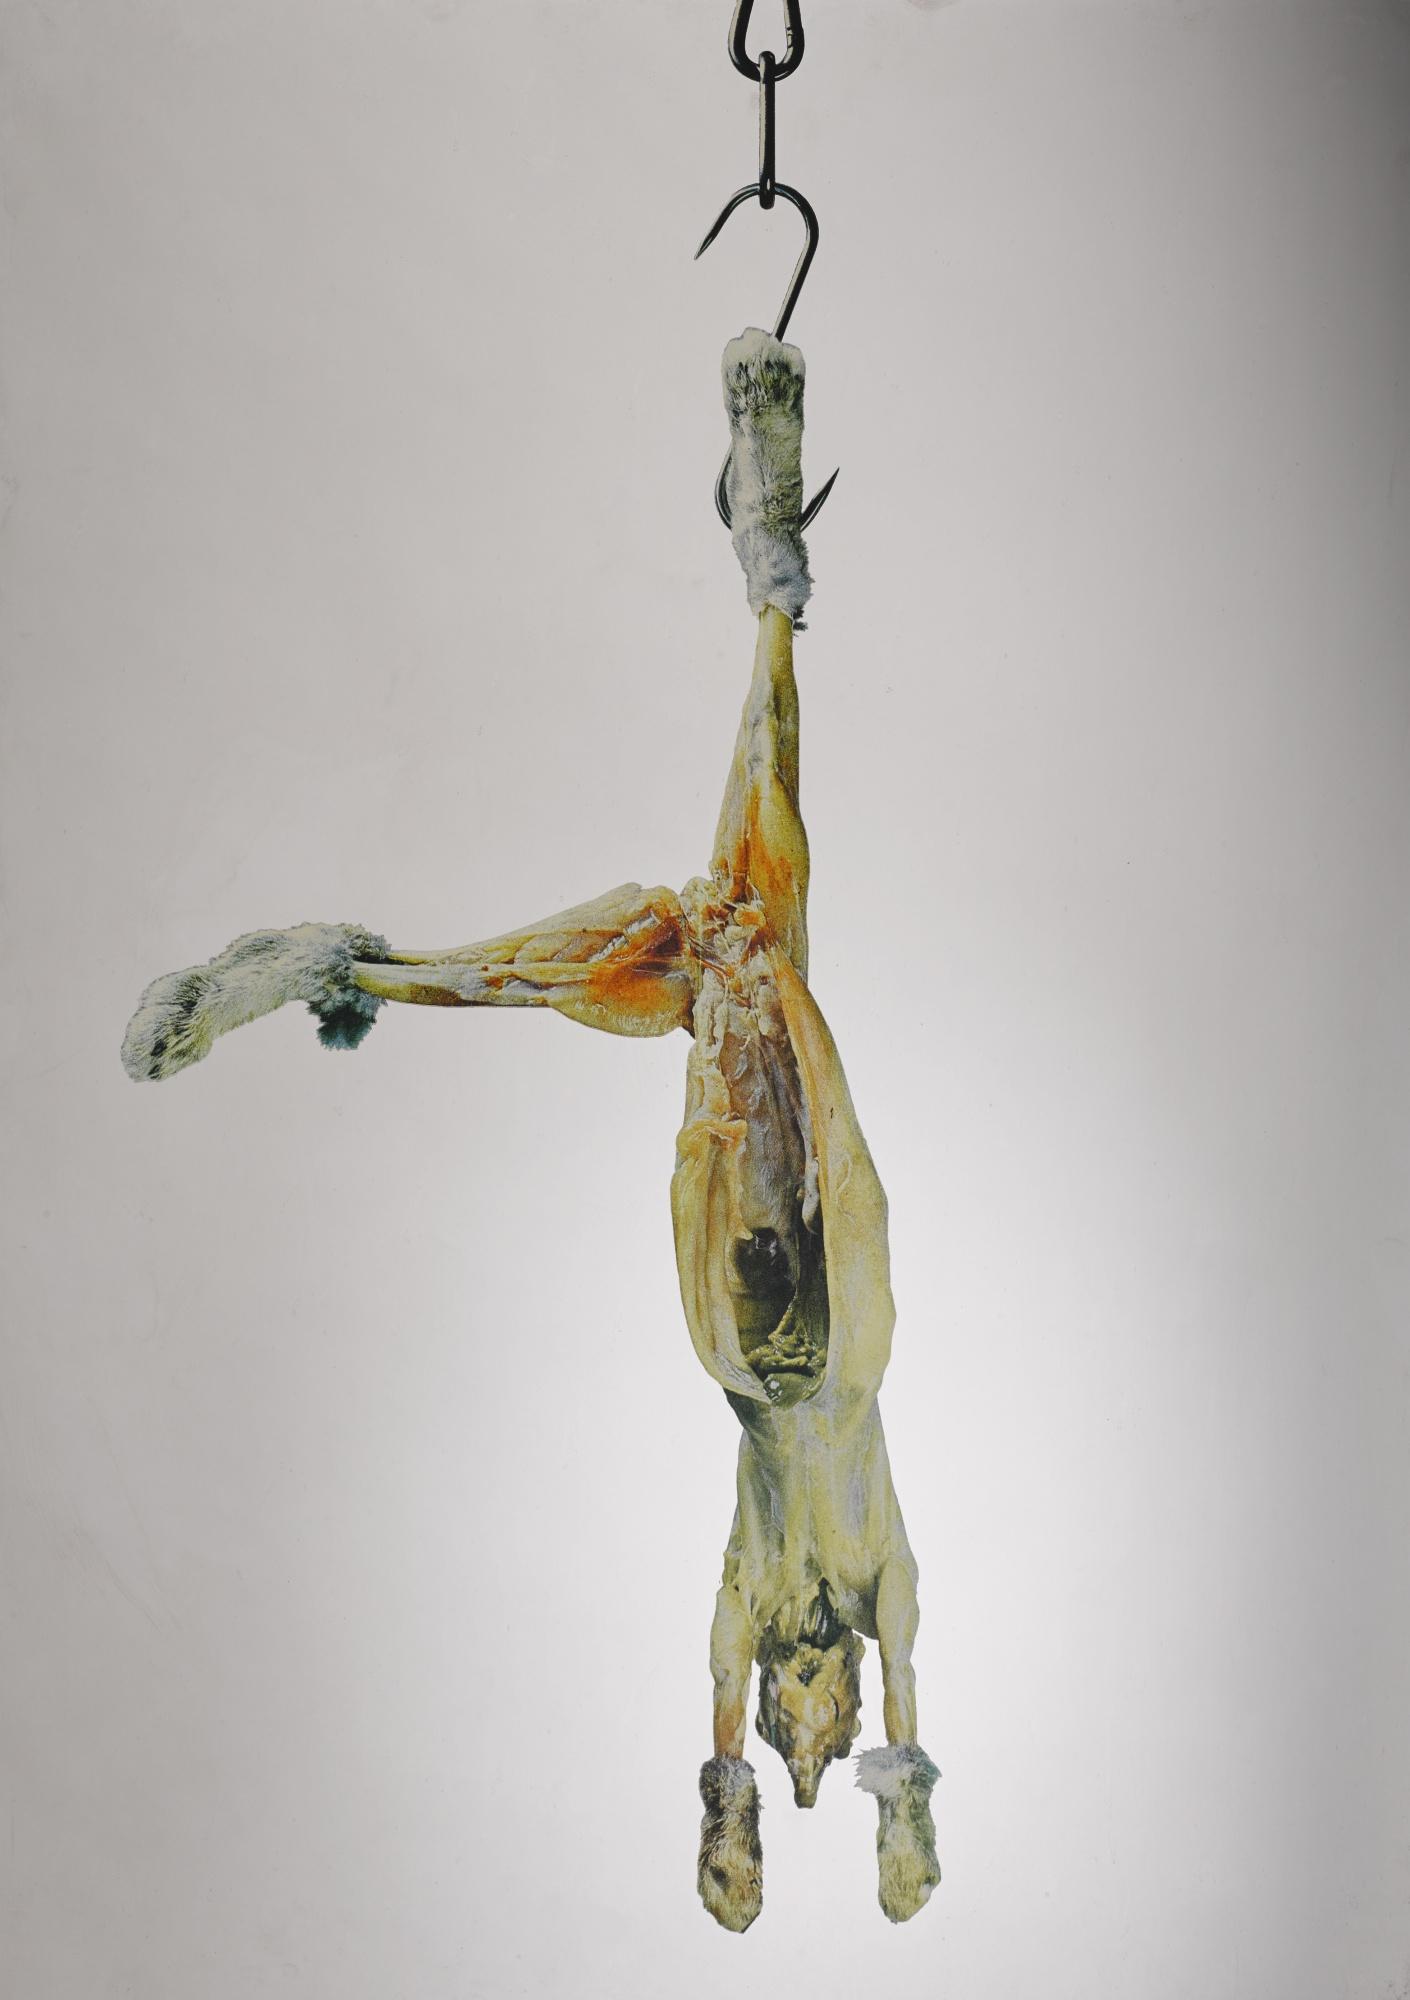 Michelangelo Pistoletto-Coniglio Appeso-1972